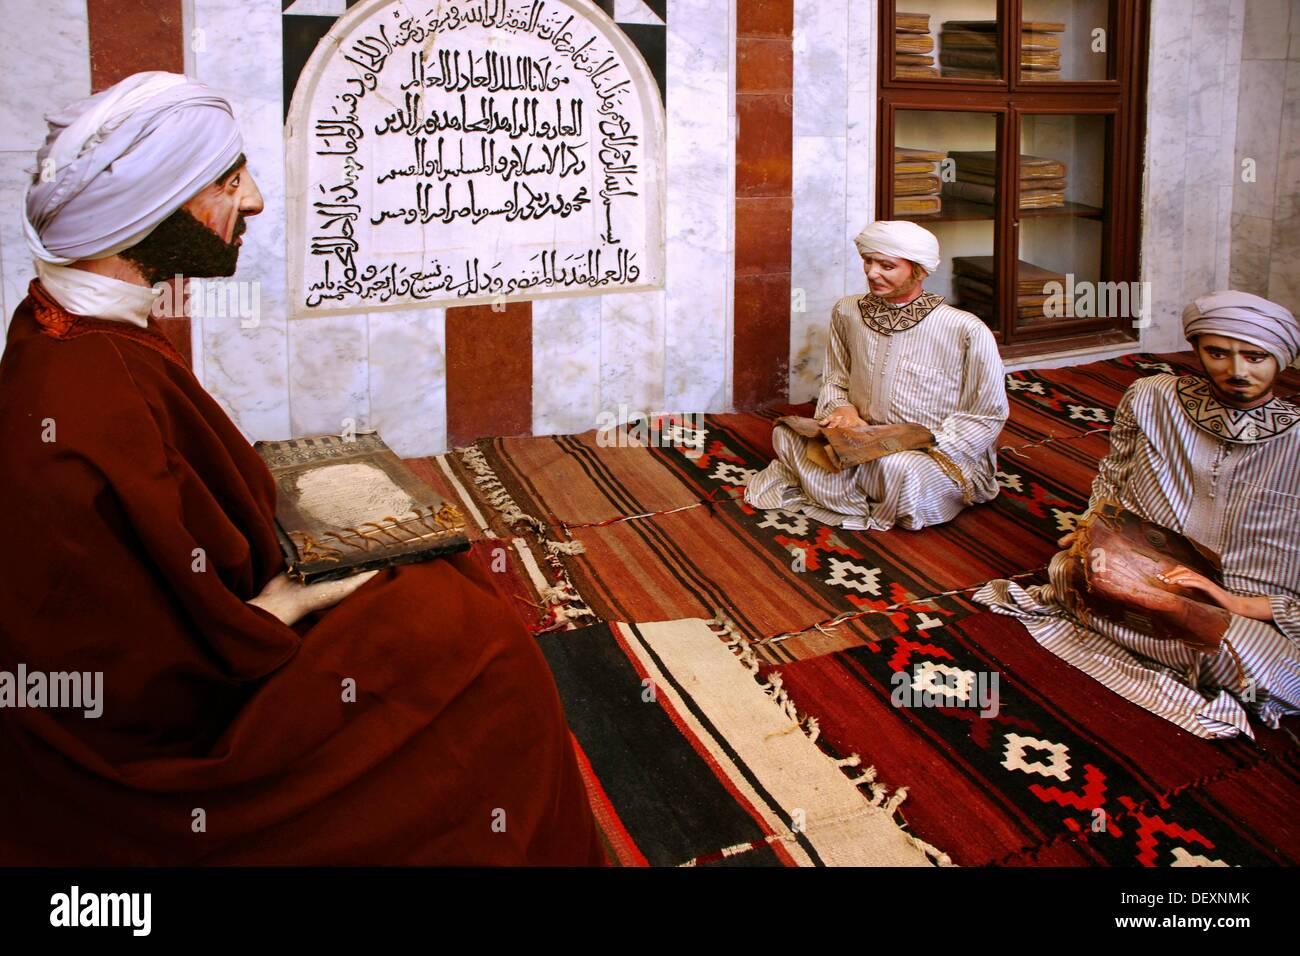 """La lección de la medicina (siglo X) en un """"Iwan"""" de las Bimaristan Nur al-Din, el Museo de la medicina y la ciencia en el mundo árabe, Imagen De Stock"""